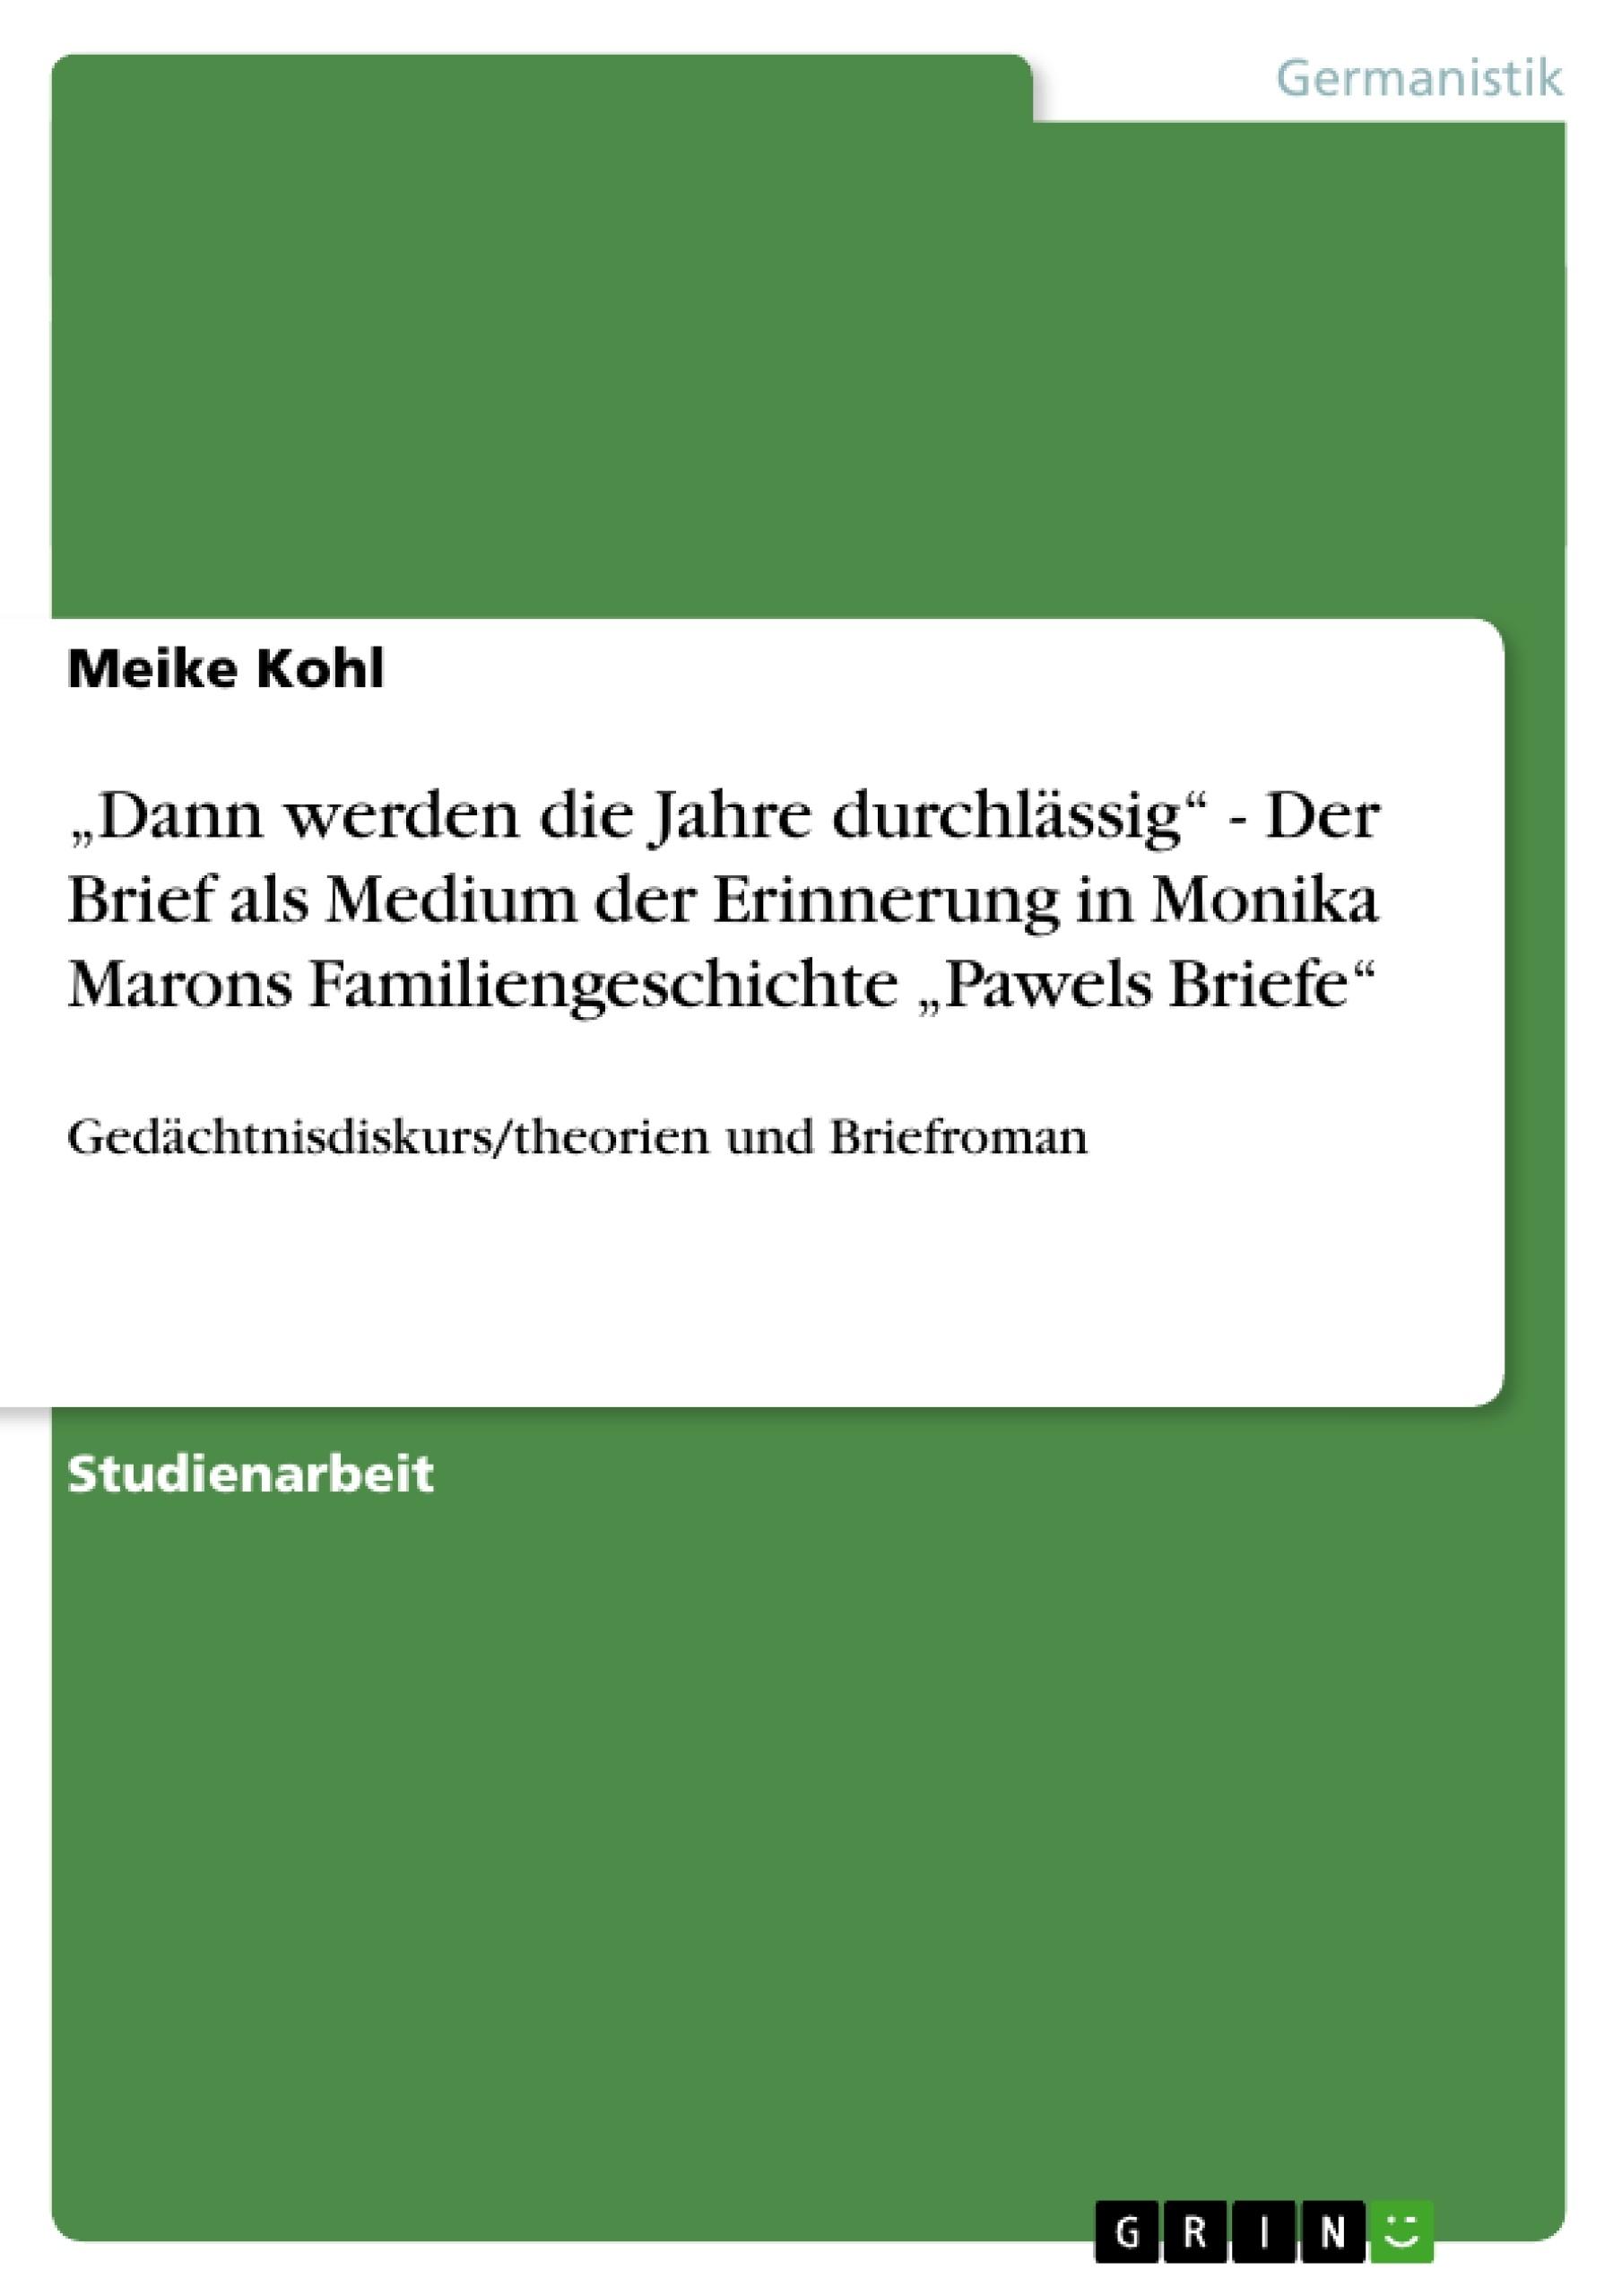 """Titel: """"Dann werden die Jahre durchlässig"""" -  Der Brief als Medium der Erinnerung in Monika Marons Familiengeschichte """"Pawels Briefe"""""""